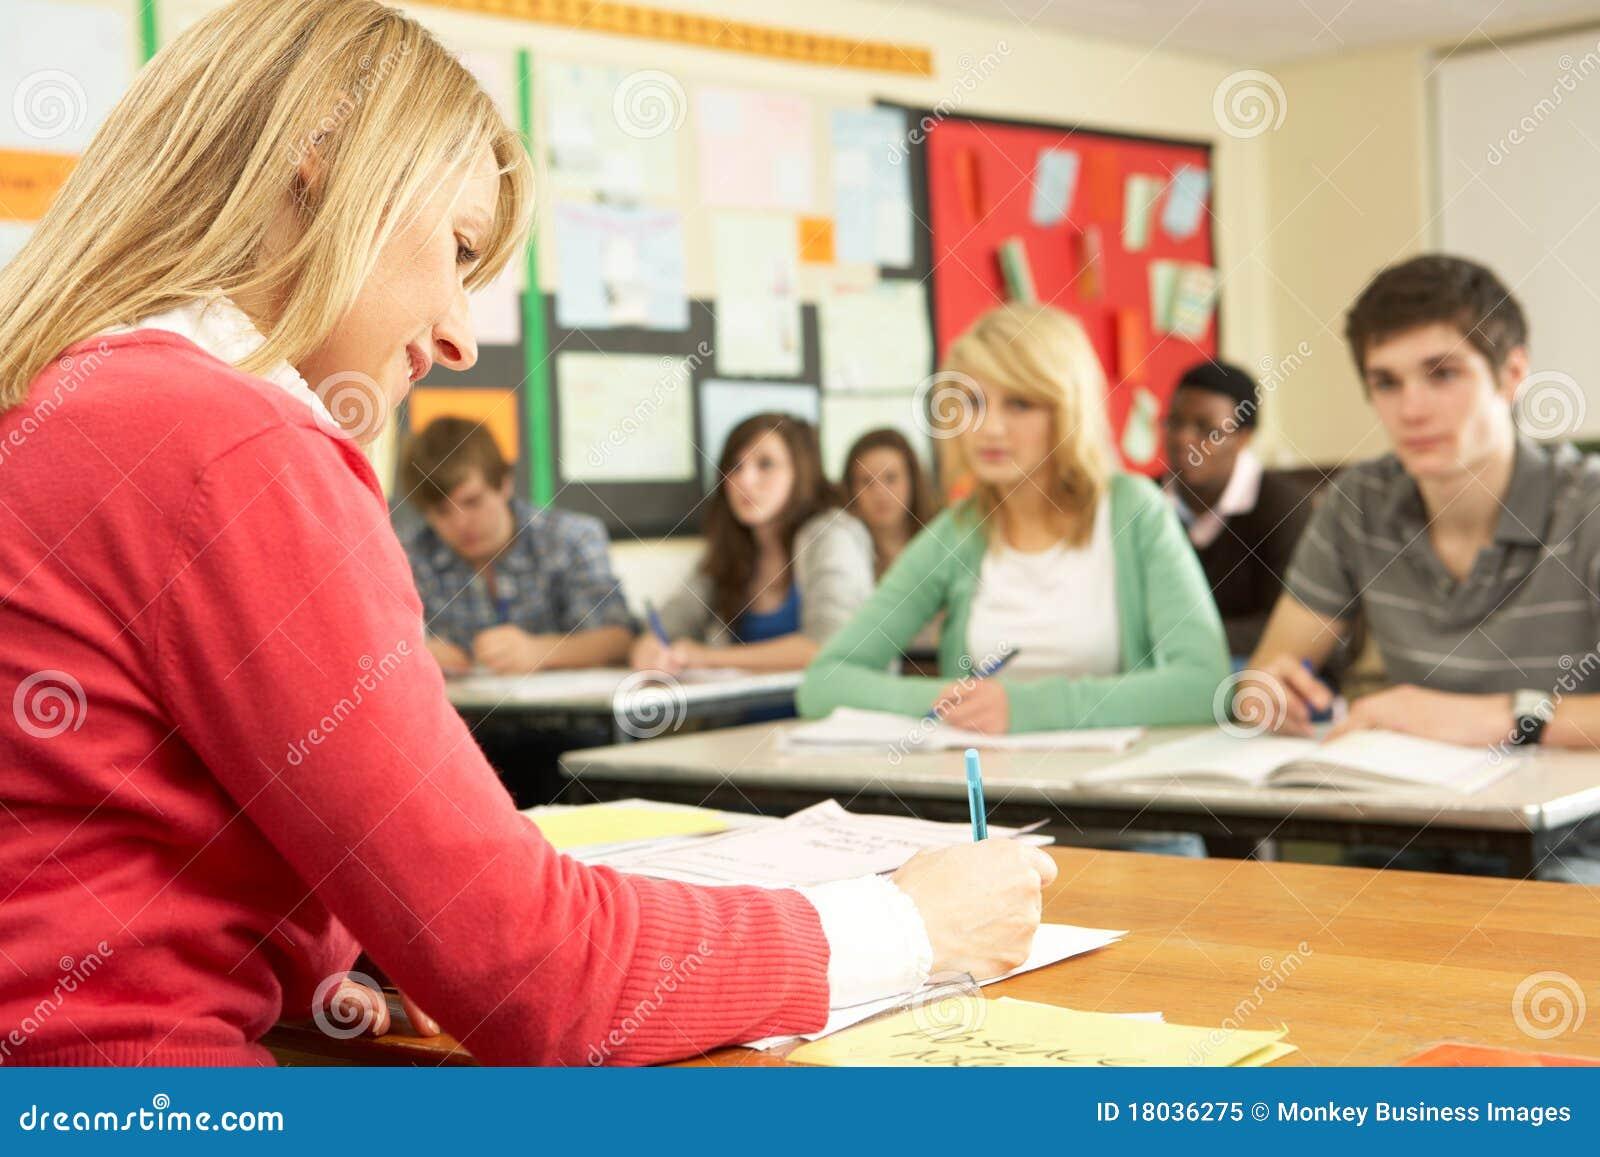 Учитель со студенткой фото 3 фотография